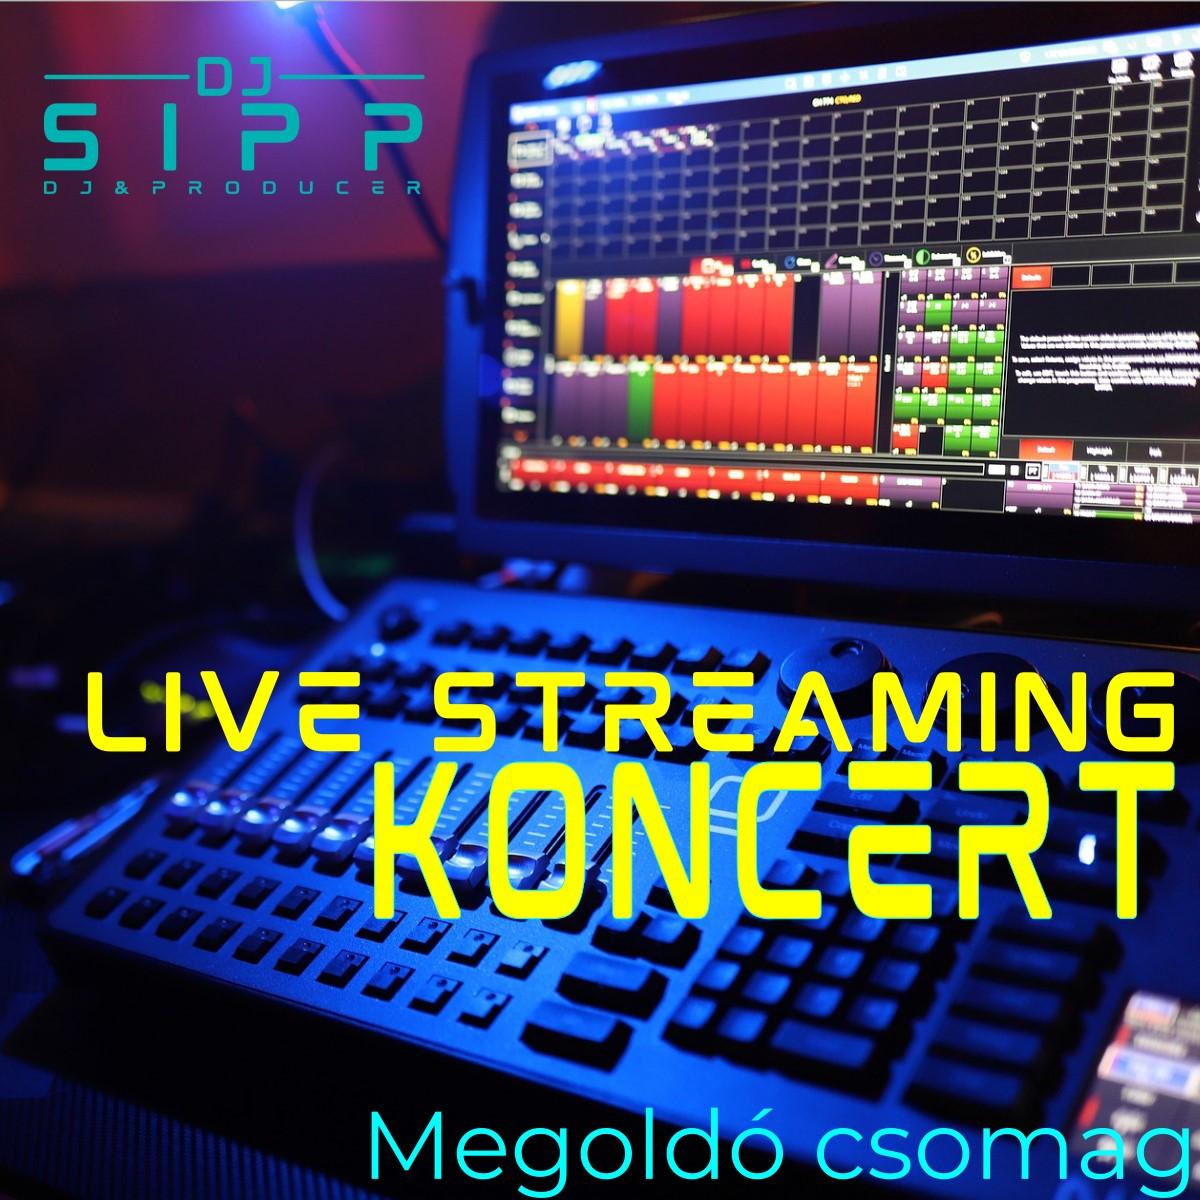 Live Streaming - Koncert